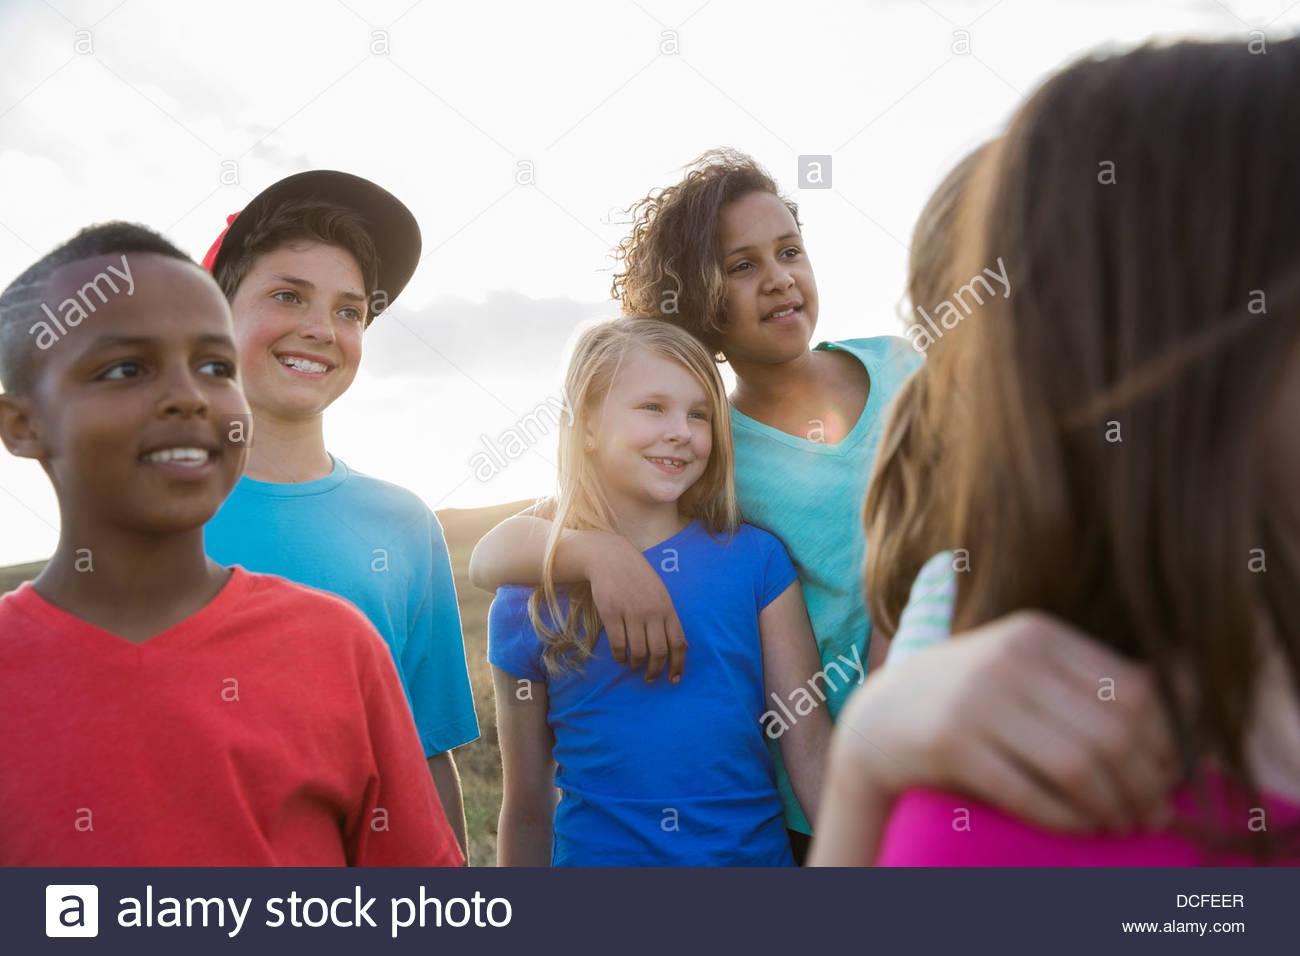 Grupo de niños sentados juntos al aire libre Foto de stock